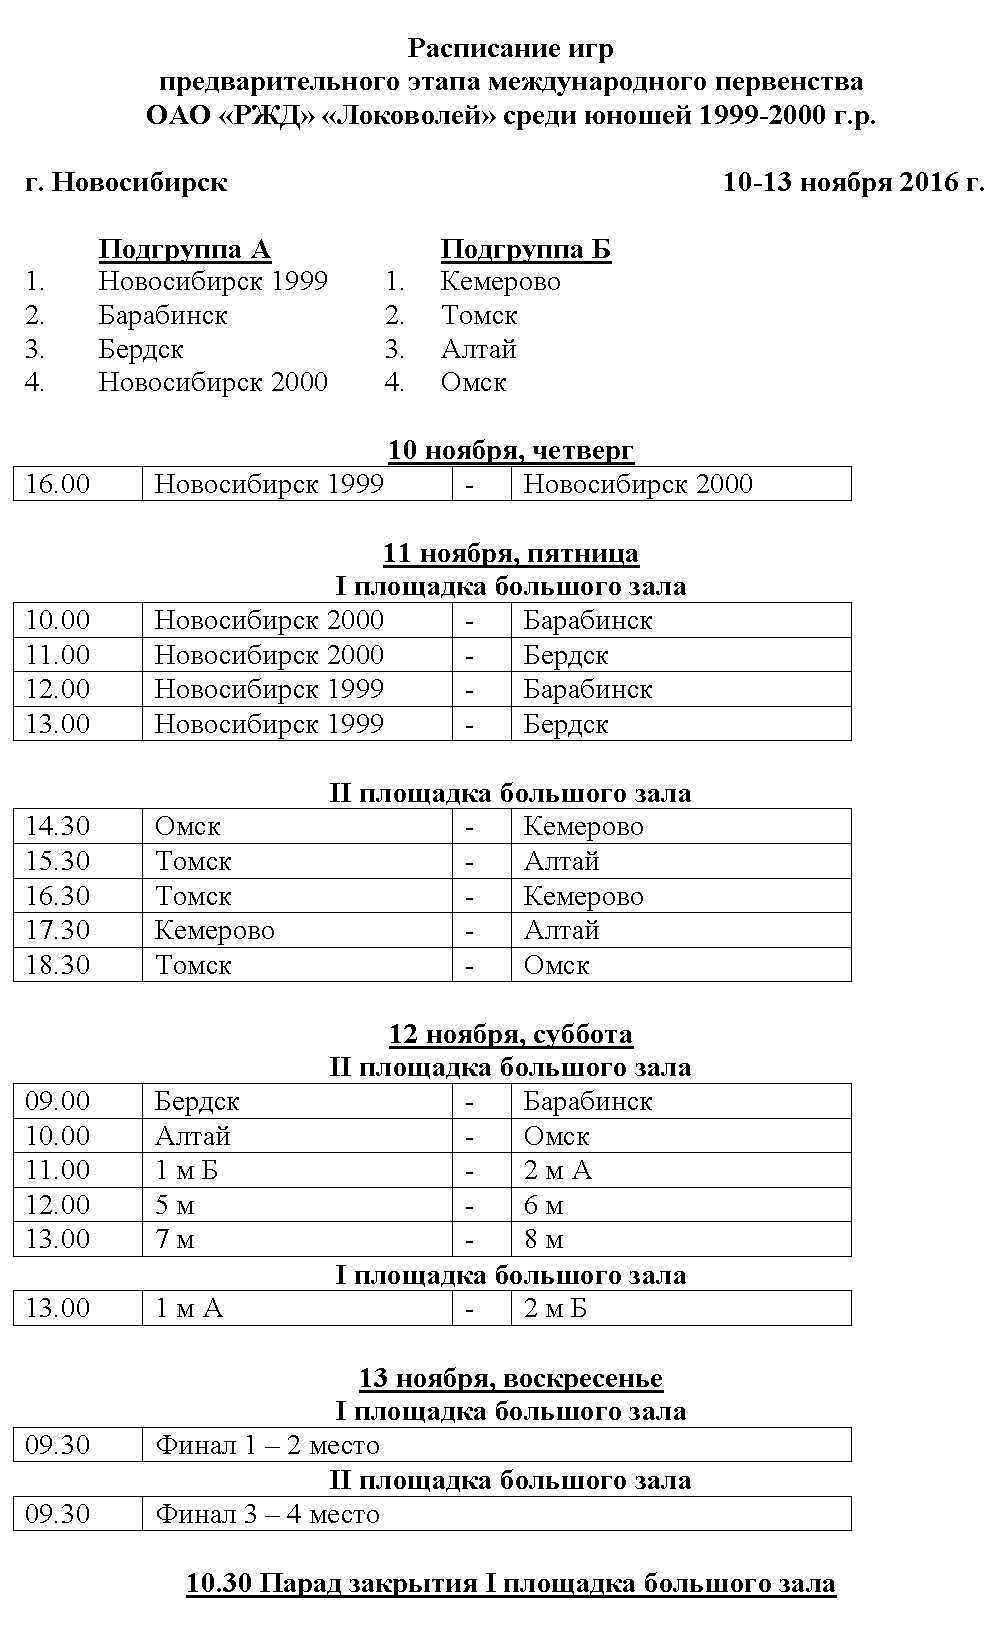 Расписание предварительного этапа международного первенства ОАО «РЖД» «Локоволей» среди юношей 1999-2000 г.р. с 10 по 13 ноября